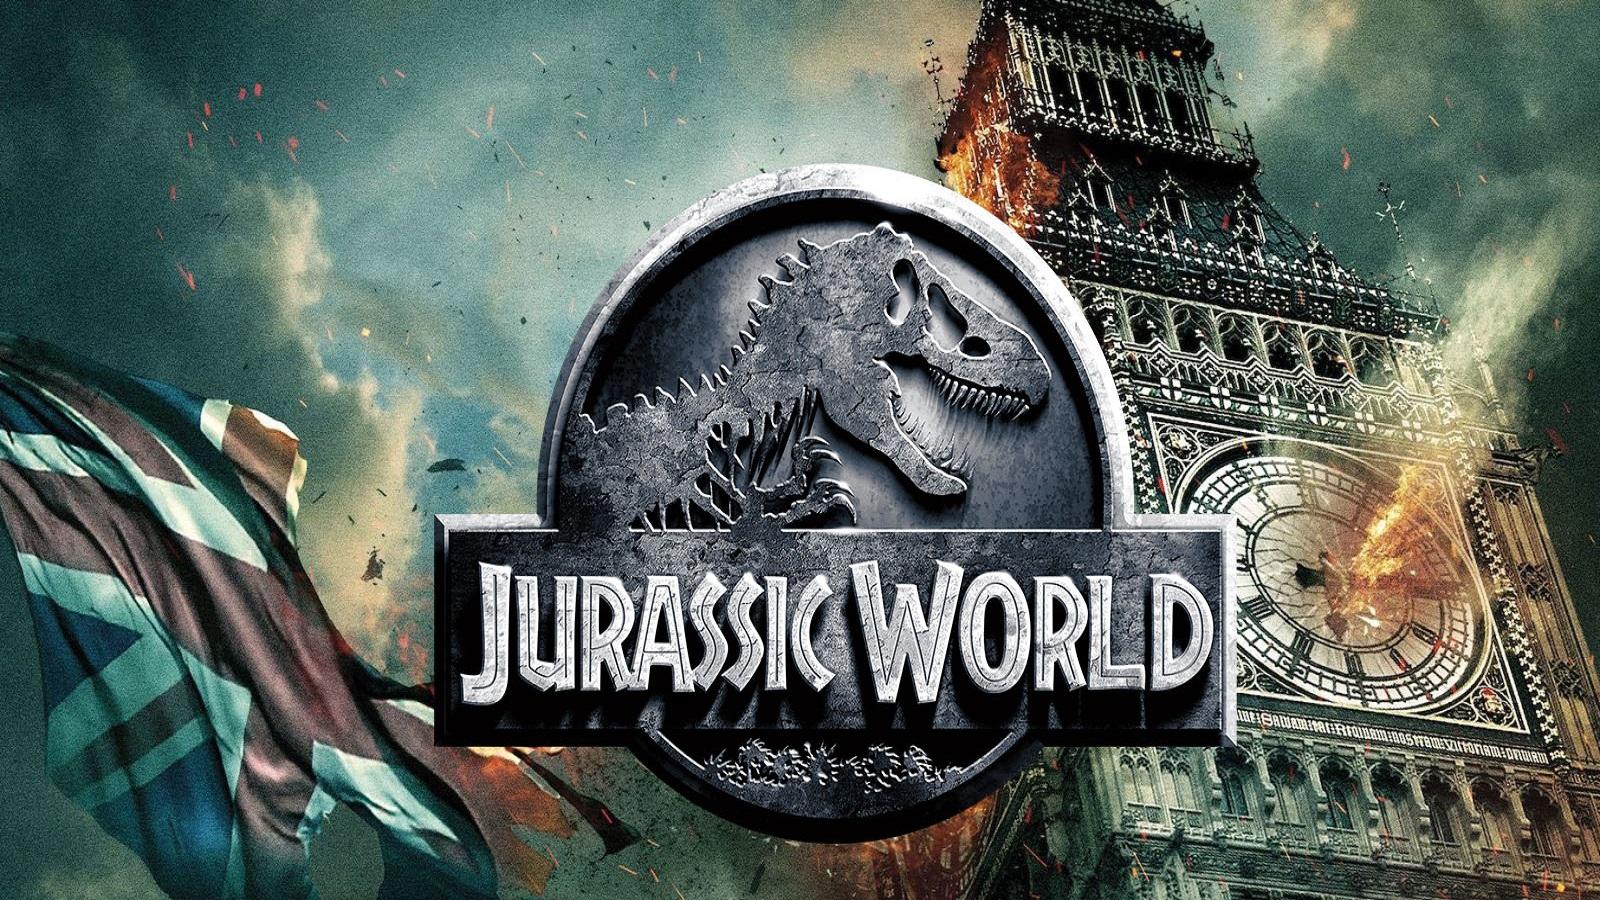 'Jurassic World 2' promete una intensa violencia